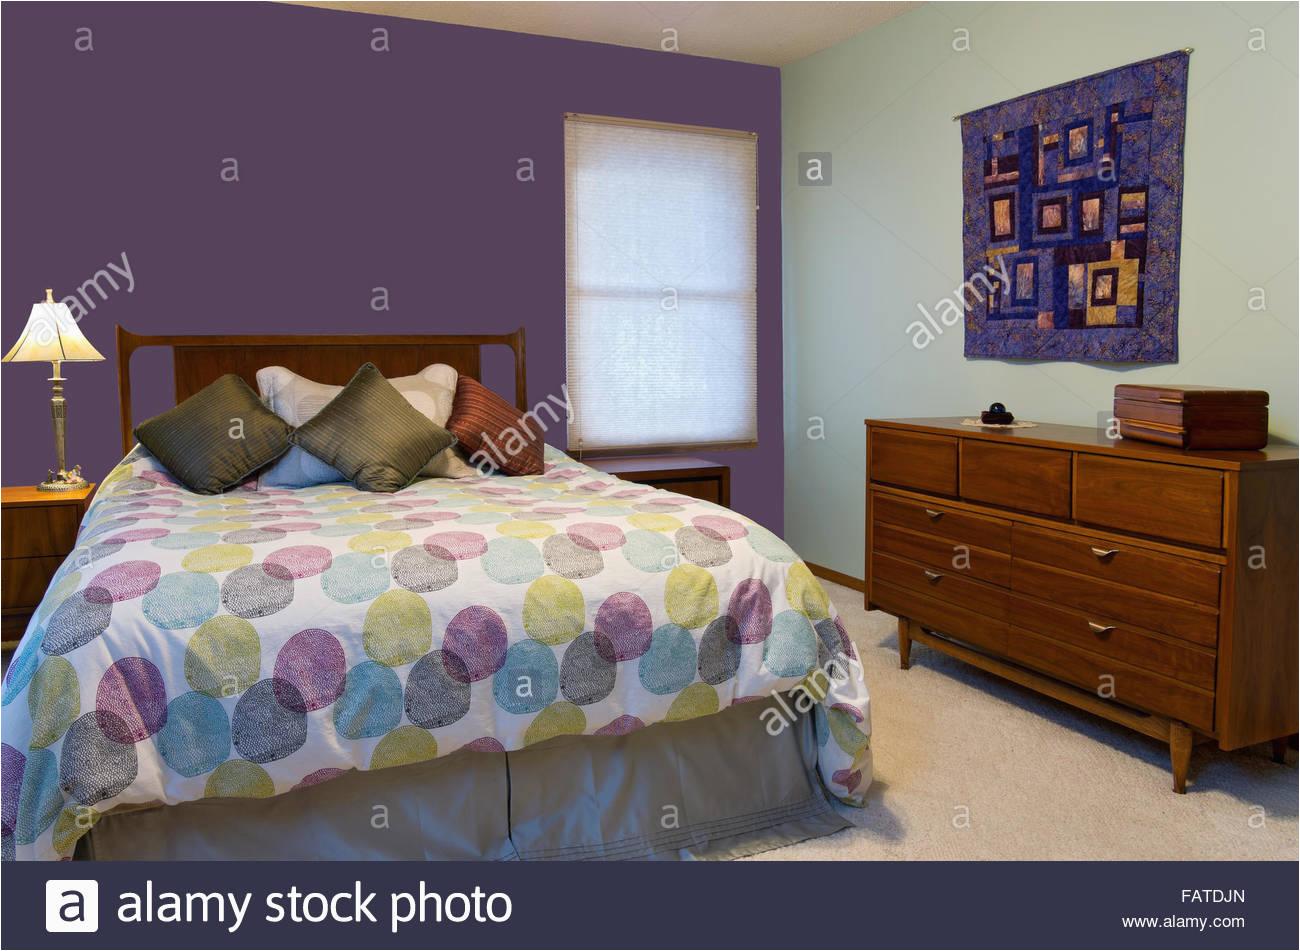 deko kommode schlafzimmer mit schlafzimmer innenraum mit lila und grune wande lampe 40 und schlafzimmer innenraum mit lila und grune wande lampe kommode bunte kissen und troster dekorieren queensize b